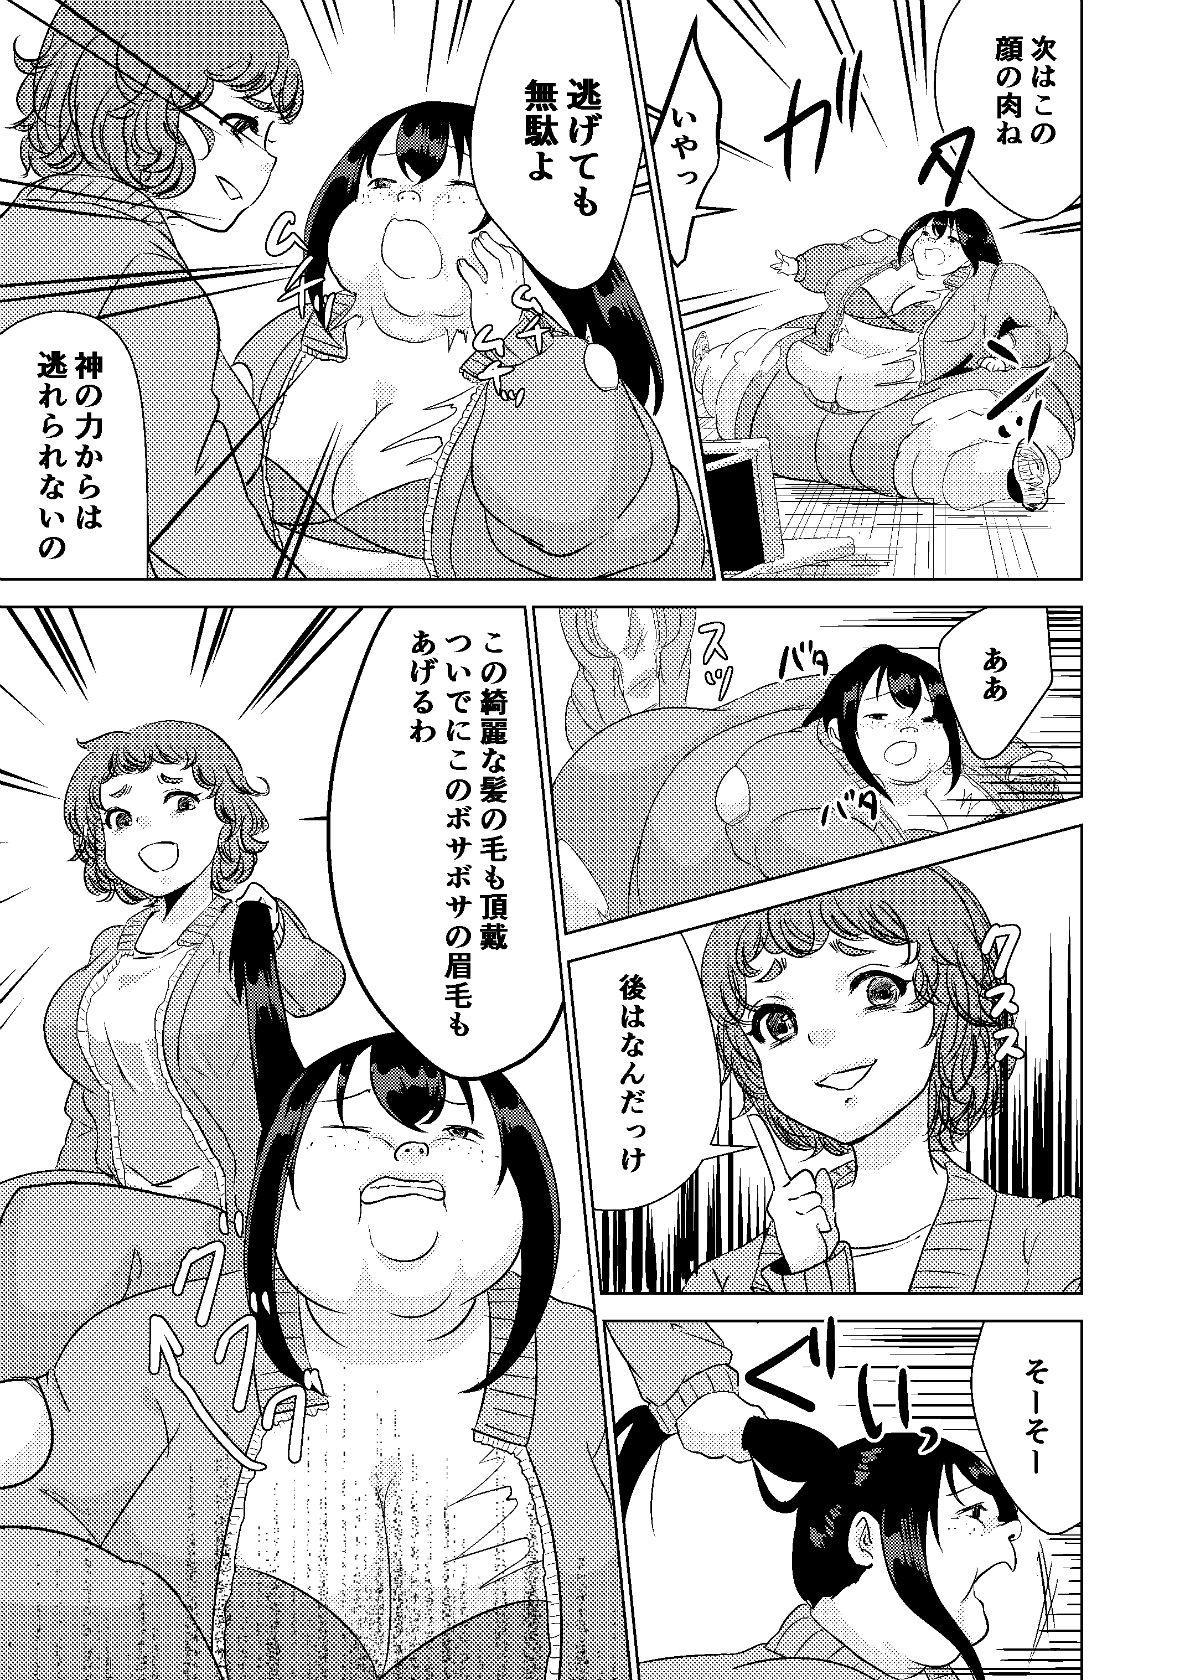 Kyou kara Watashi wa Anata ni Naru. 28